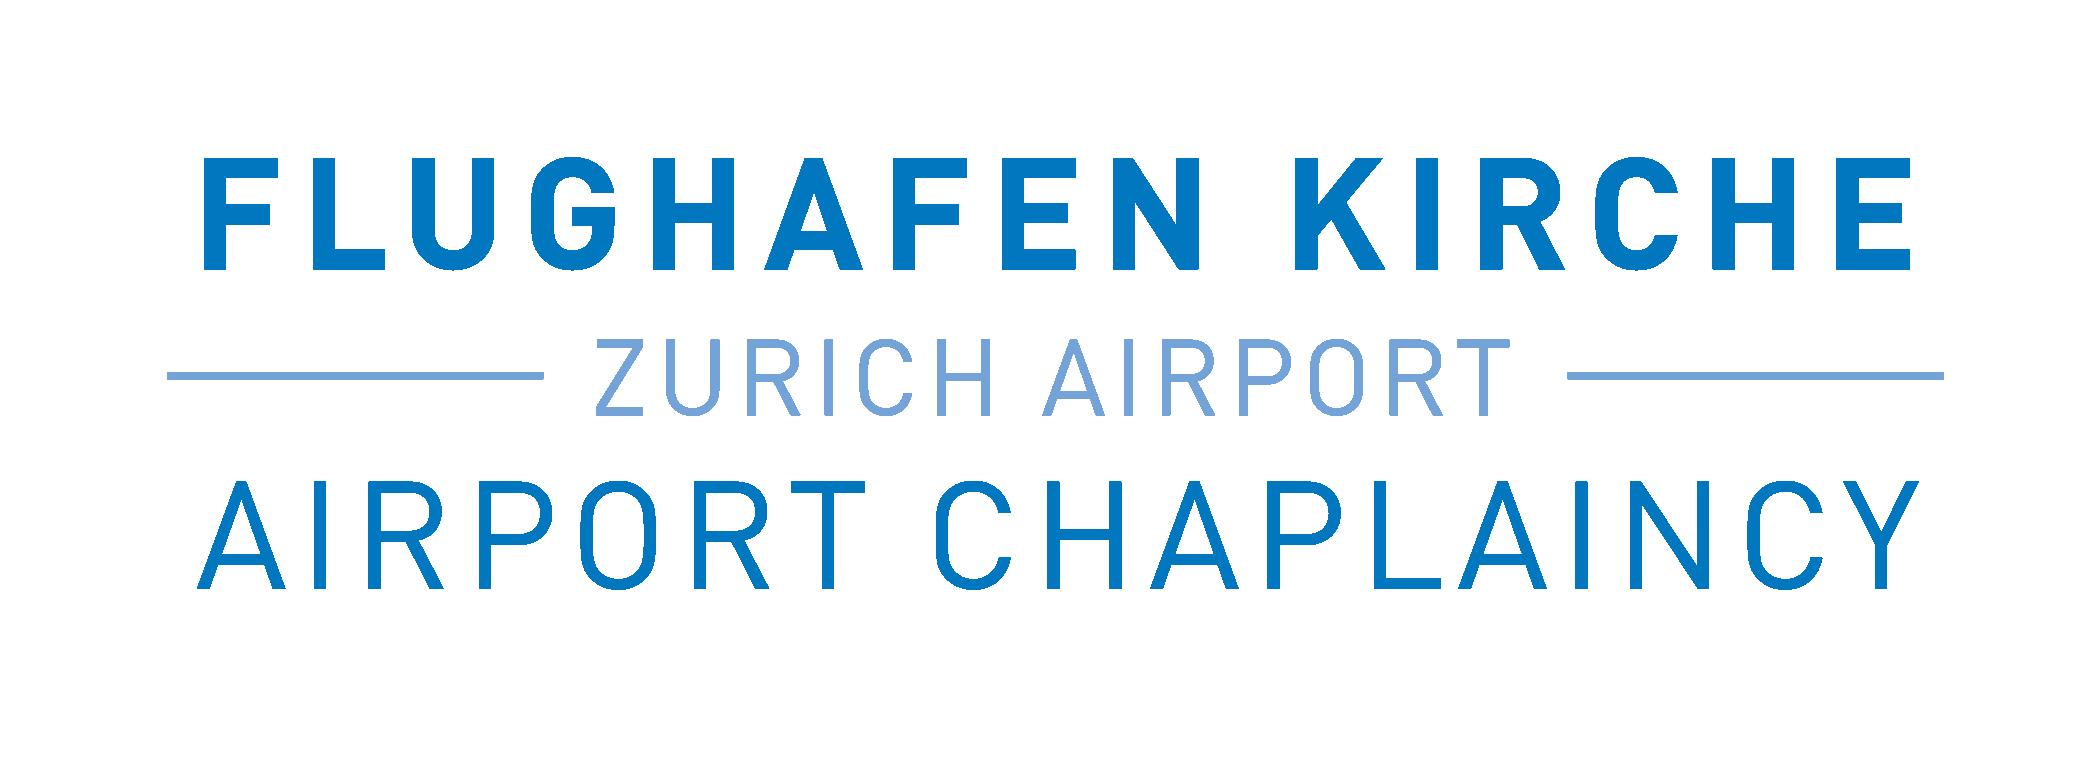 Flughafenkirche | Airport Chaplaincy